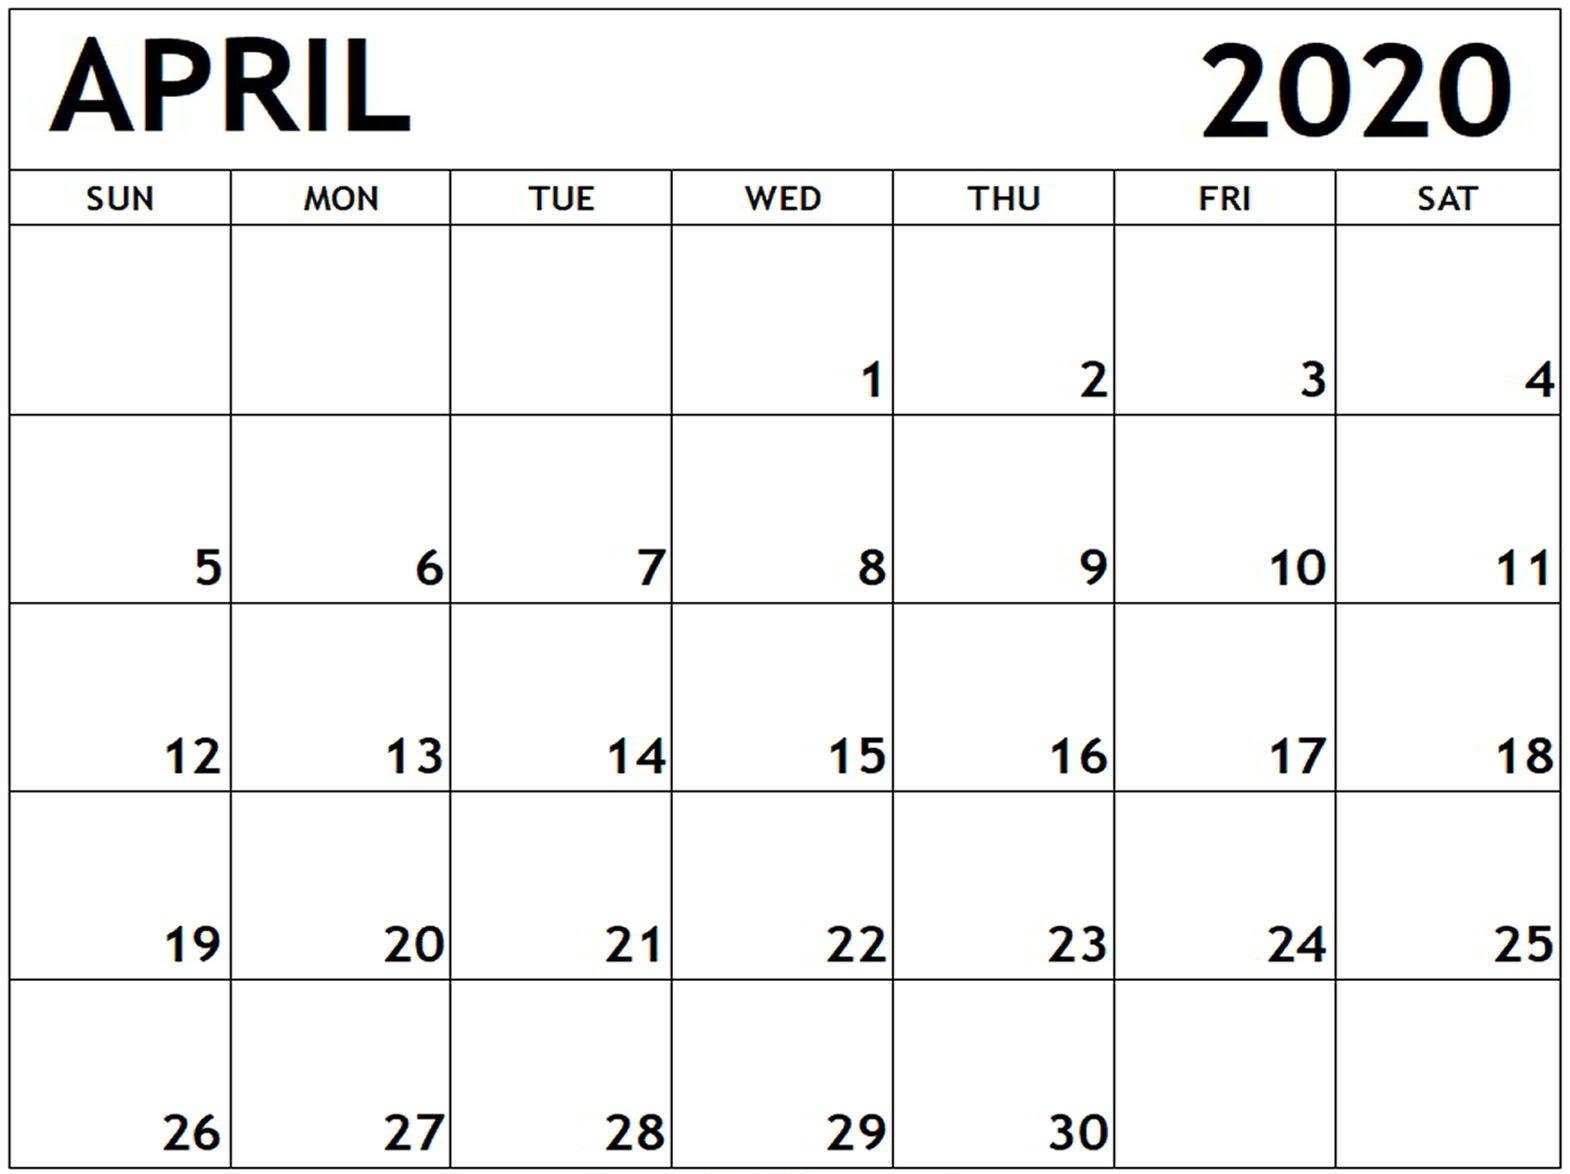 April 2020 Calendar PDF Download